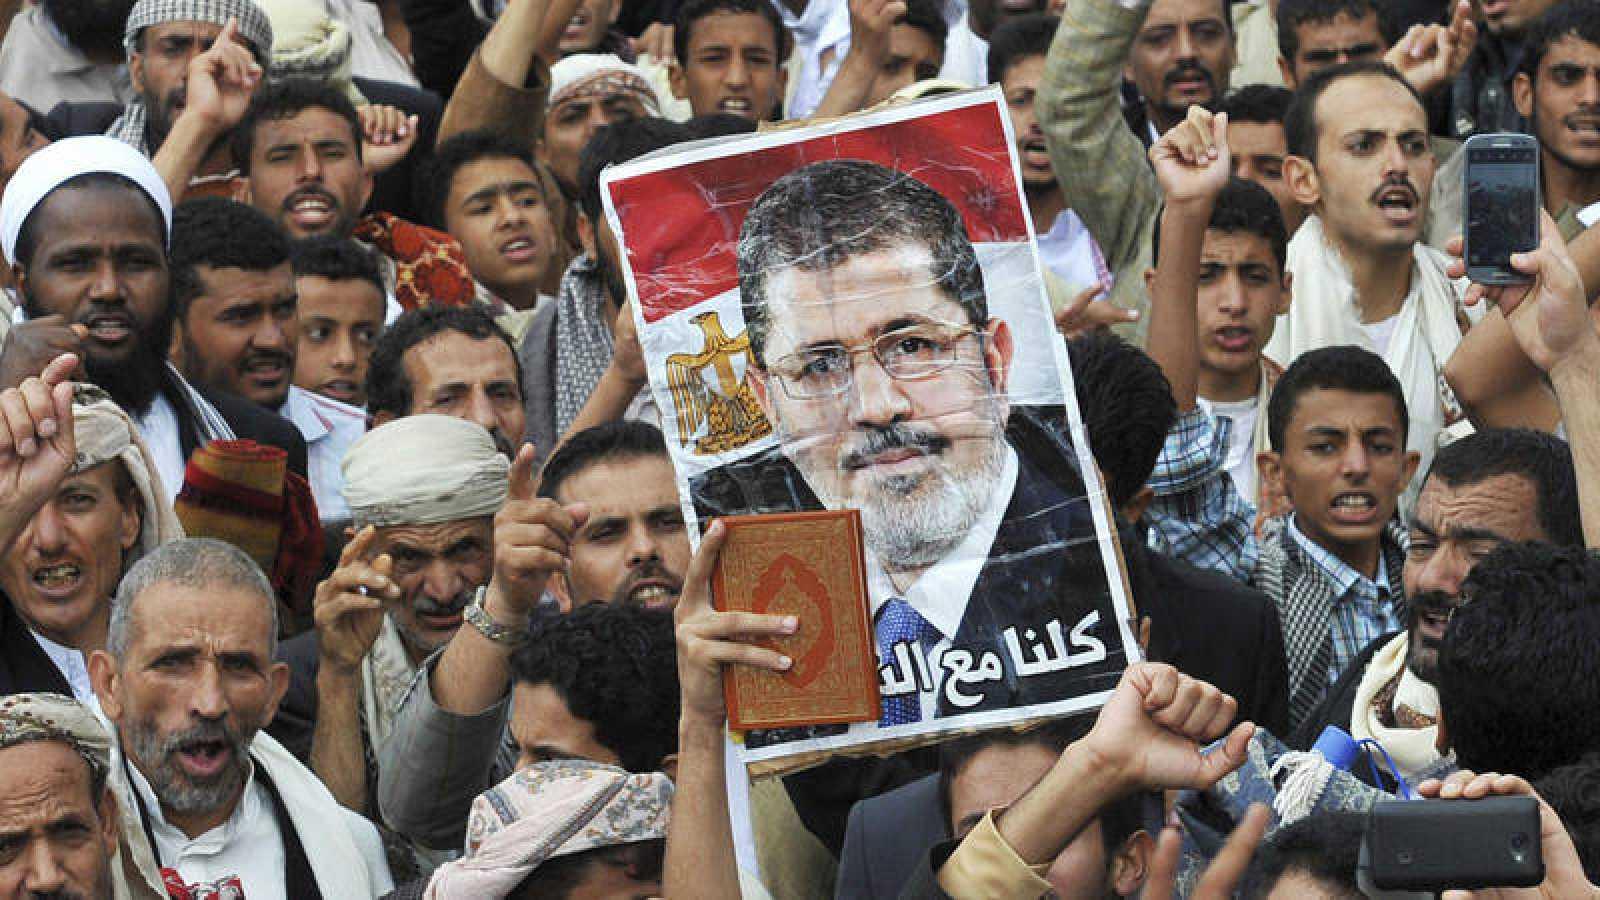 Manifestación a favor del depuesto presidente egipcio Mohamed Mursi y sus simpatizantes en 2013